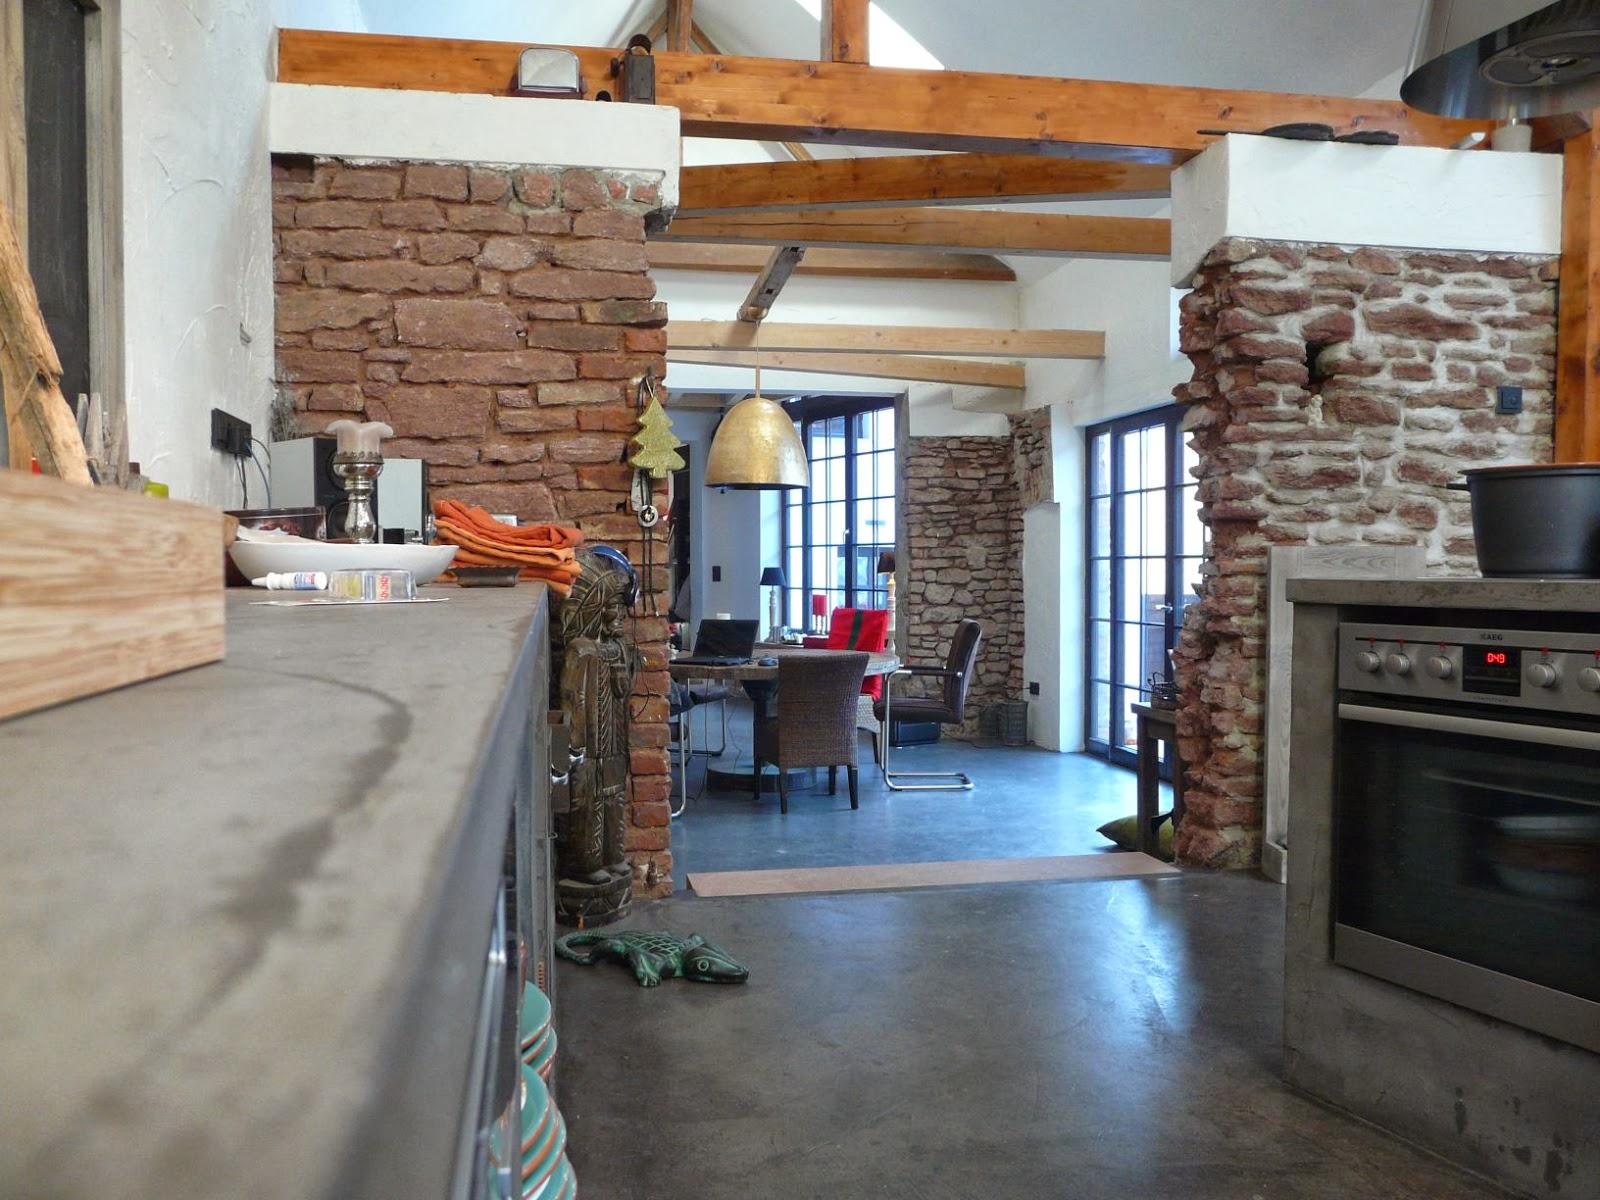 Küche in Beton-Cire kombiniert mit Beton-Floor im offenen Koch- und ...